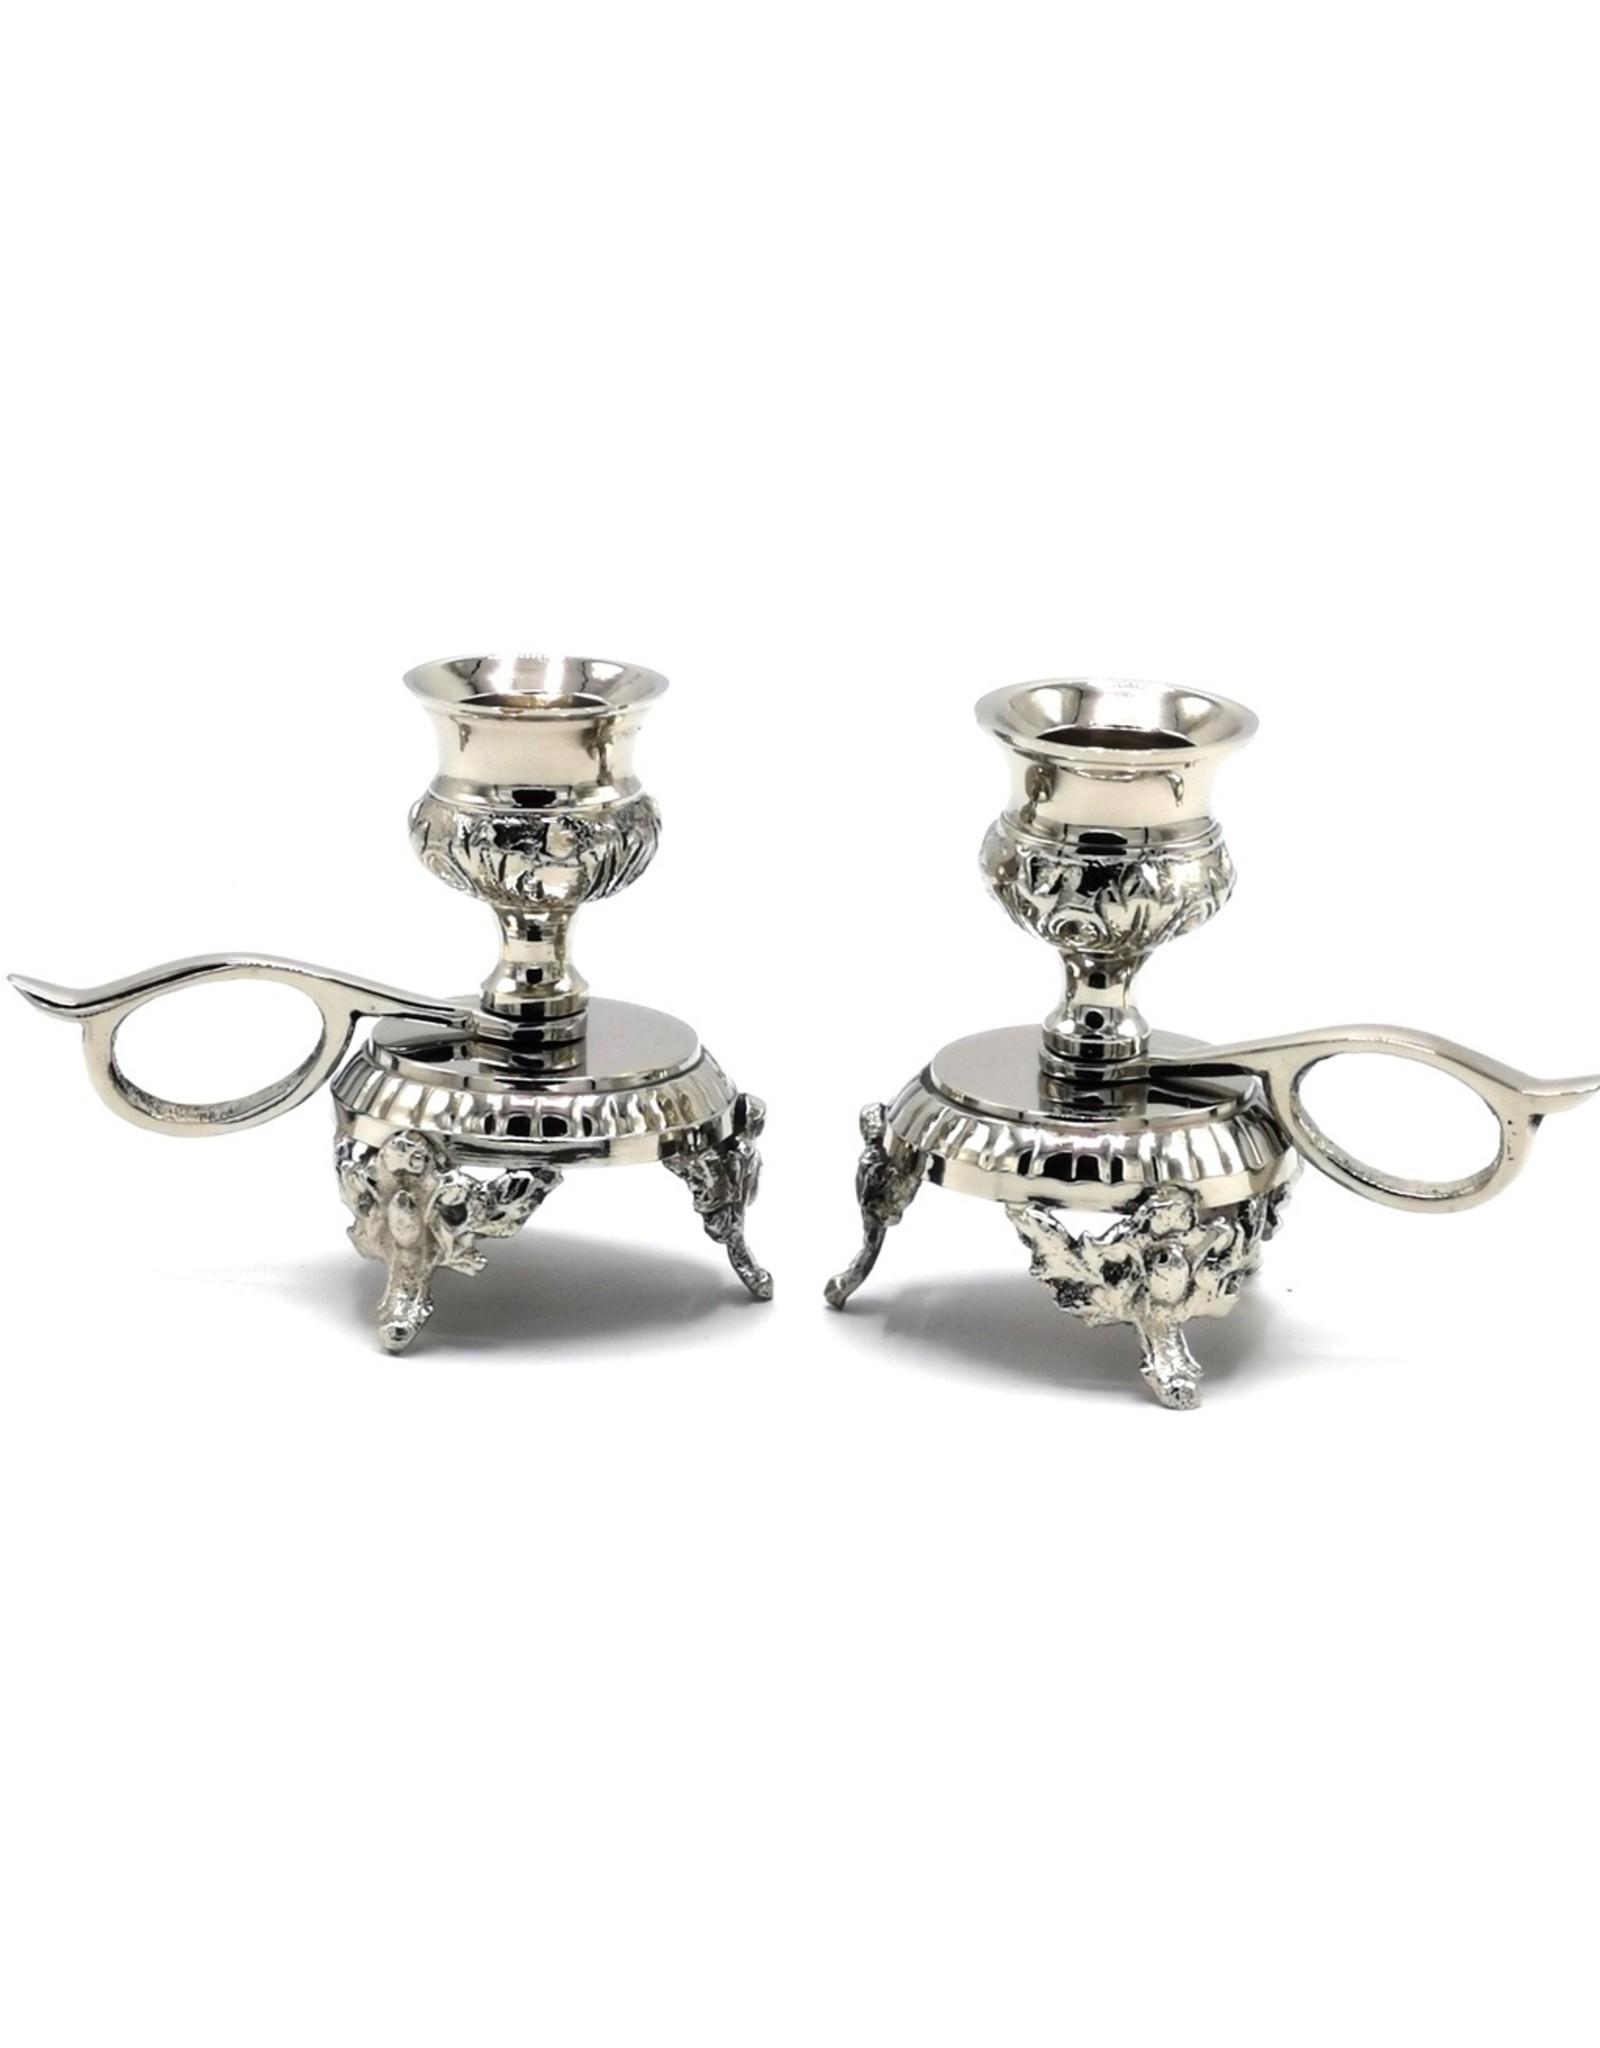 Barok Giftware & Lifestyle - Barok Minikandelaren - set van 2, zilverkleurig